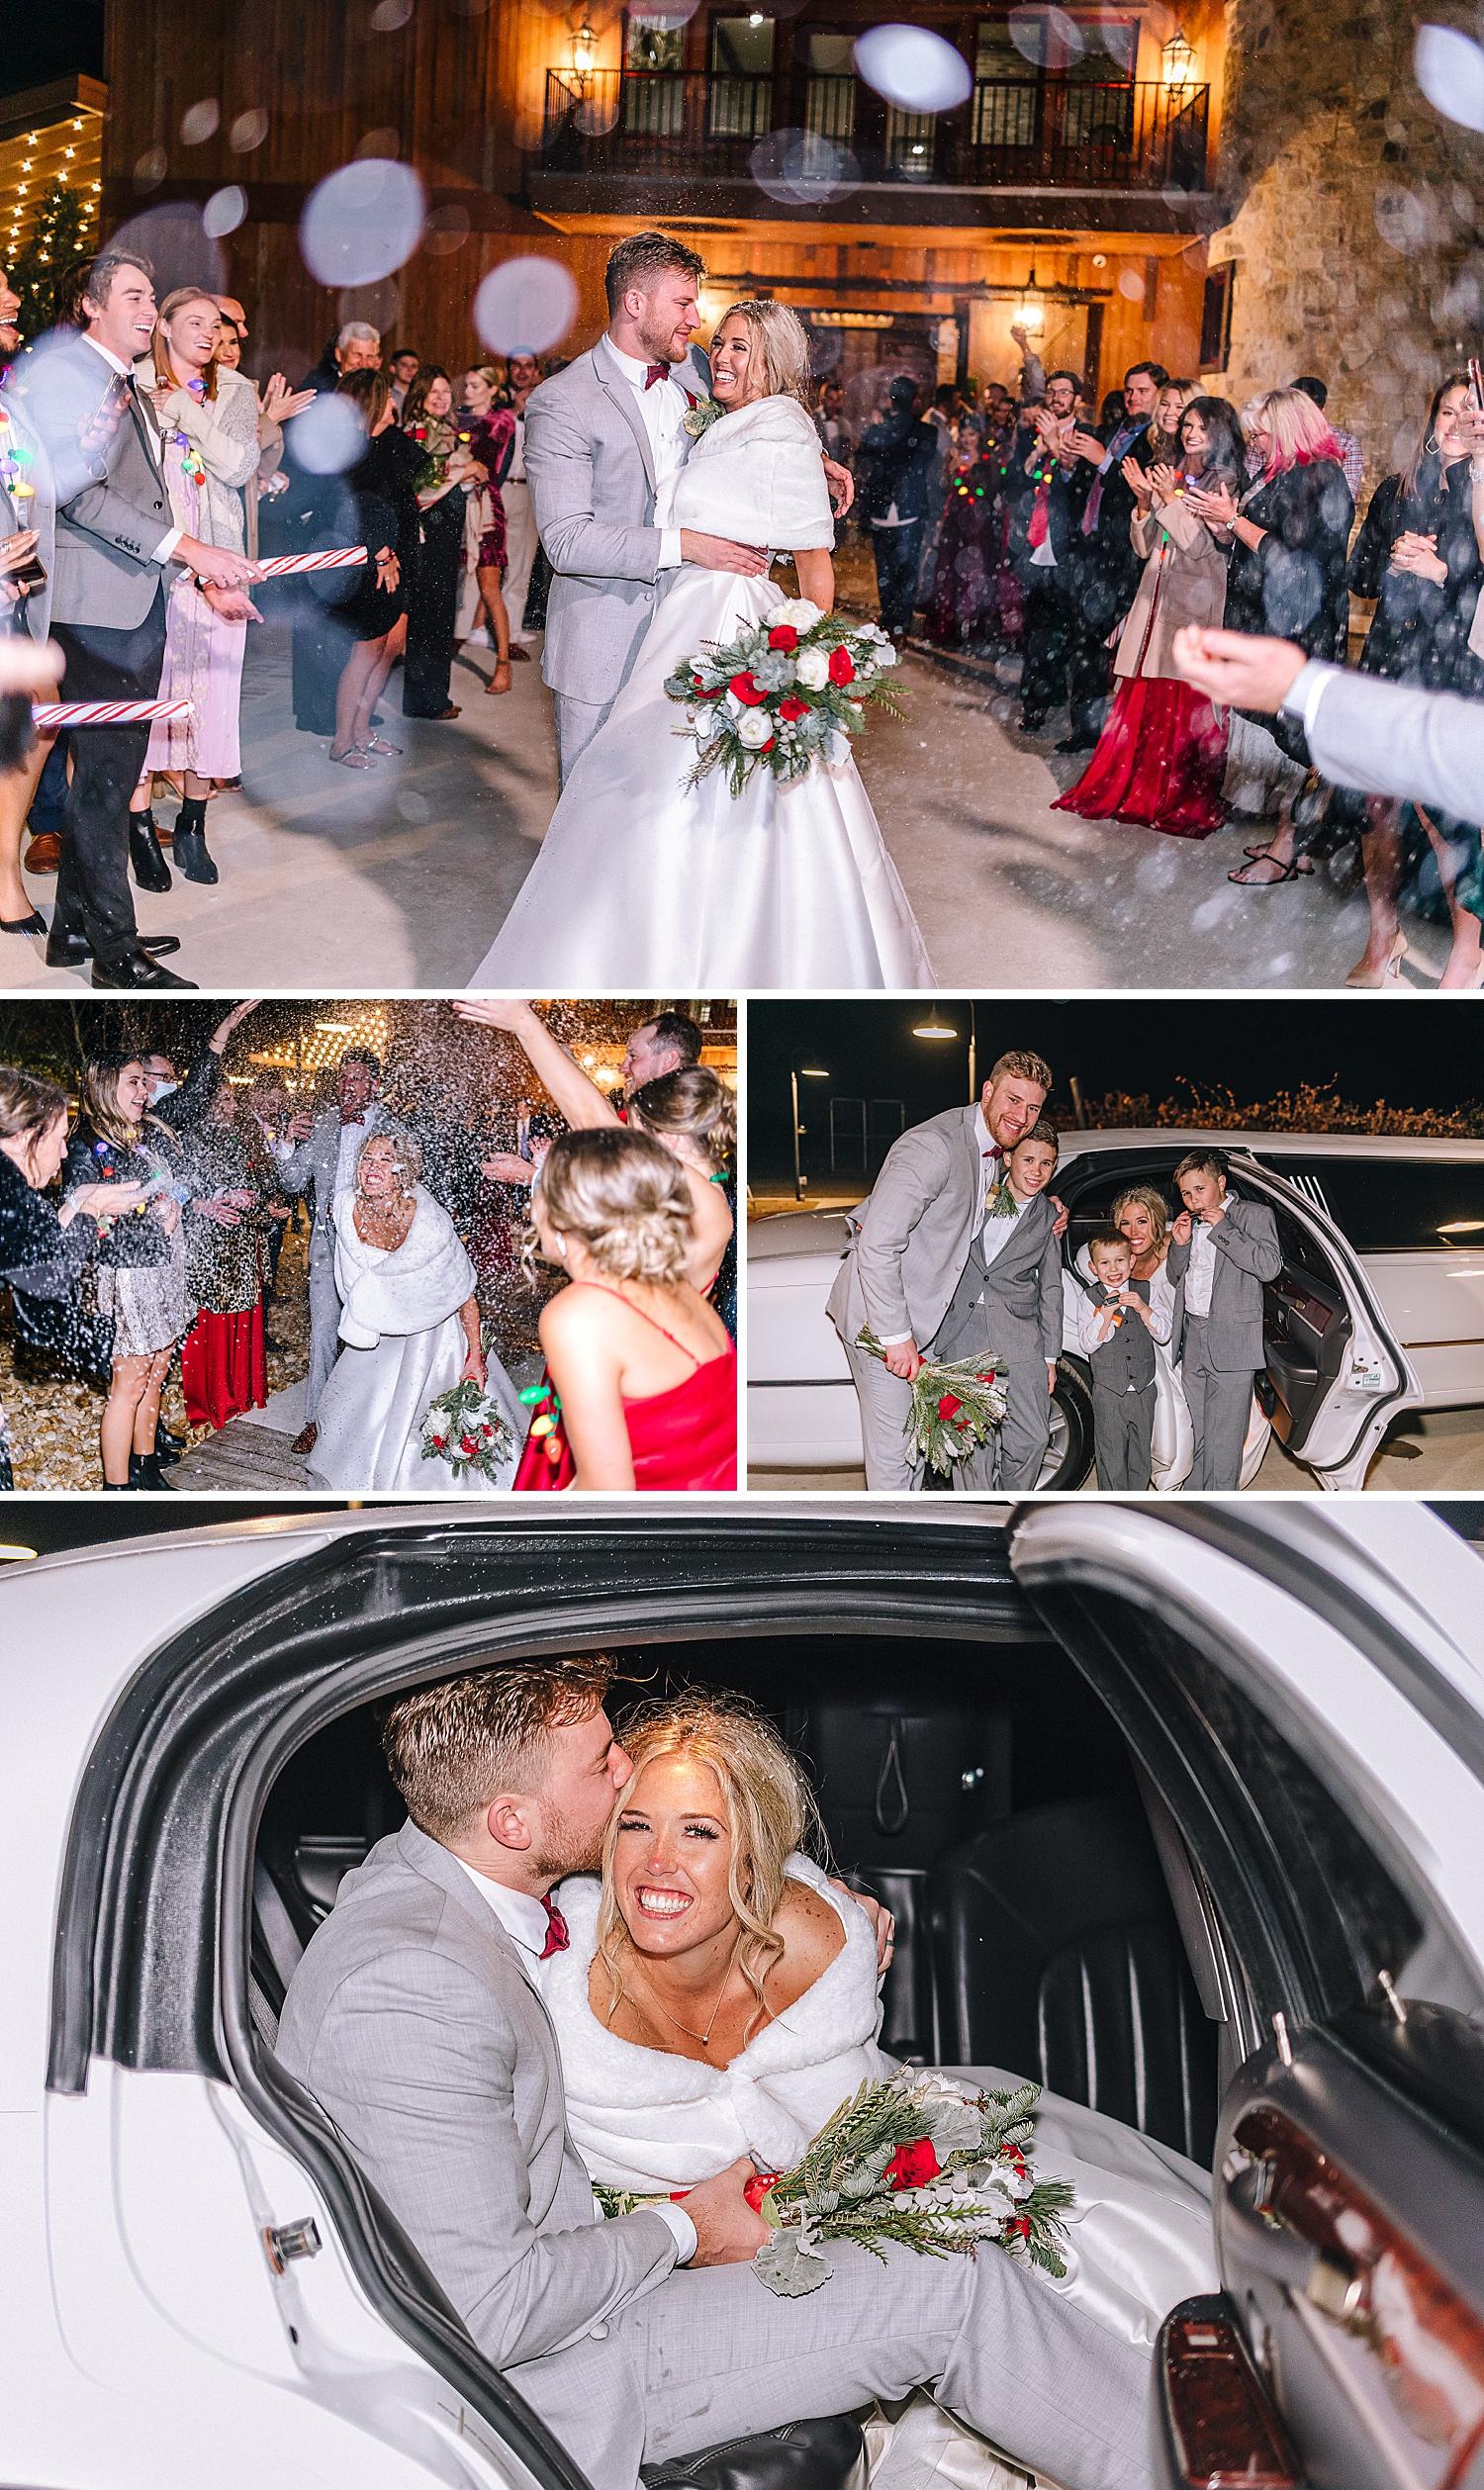 College-Station-Aggie-Wedding-The-Weinberg-at-Wixon-Valley-Christmas-Hallmark-Wedding_0091.jpg